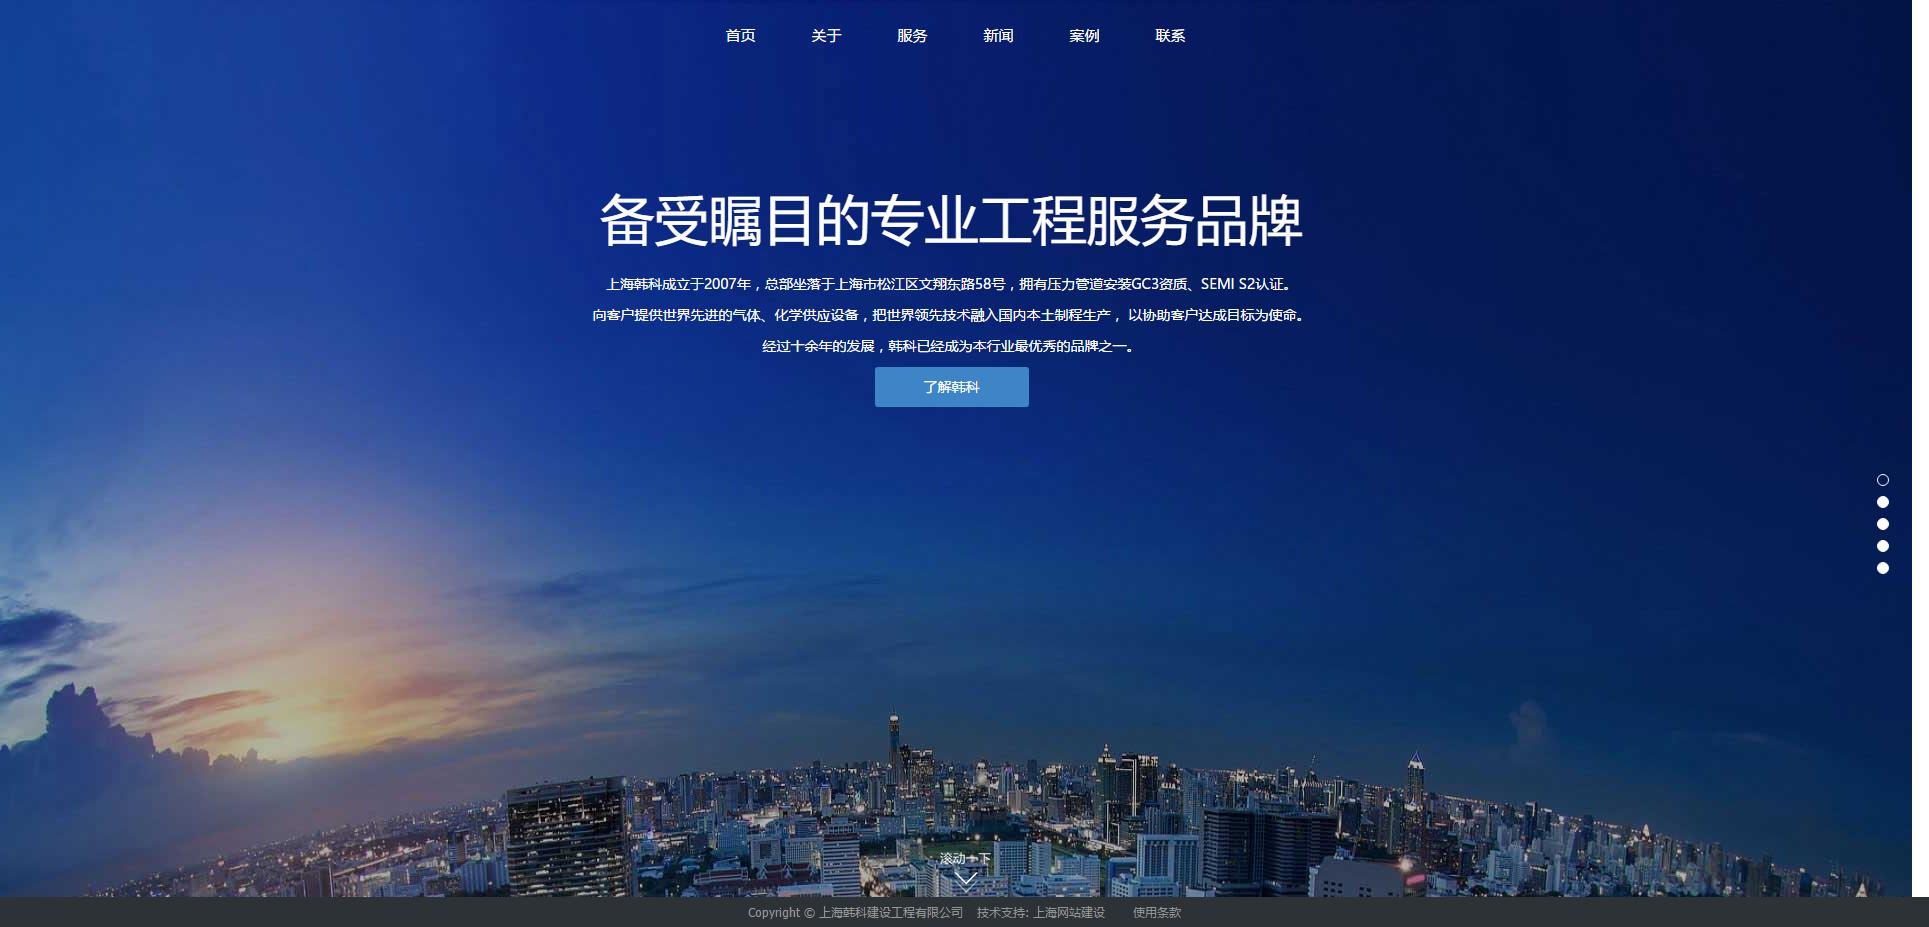 上海韩科建设工程有限公司.png